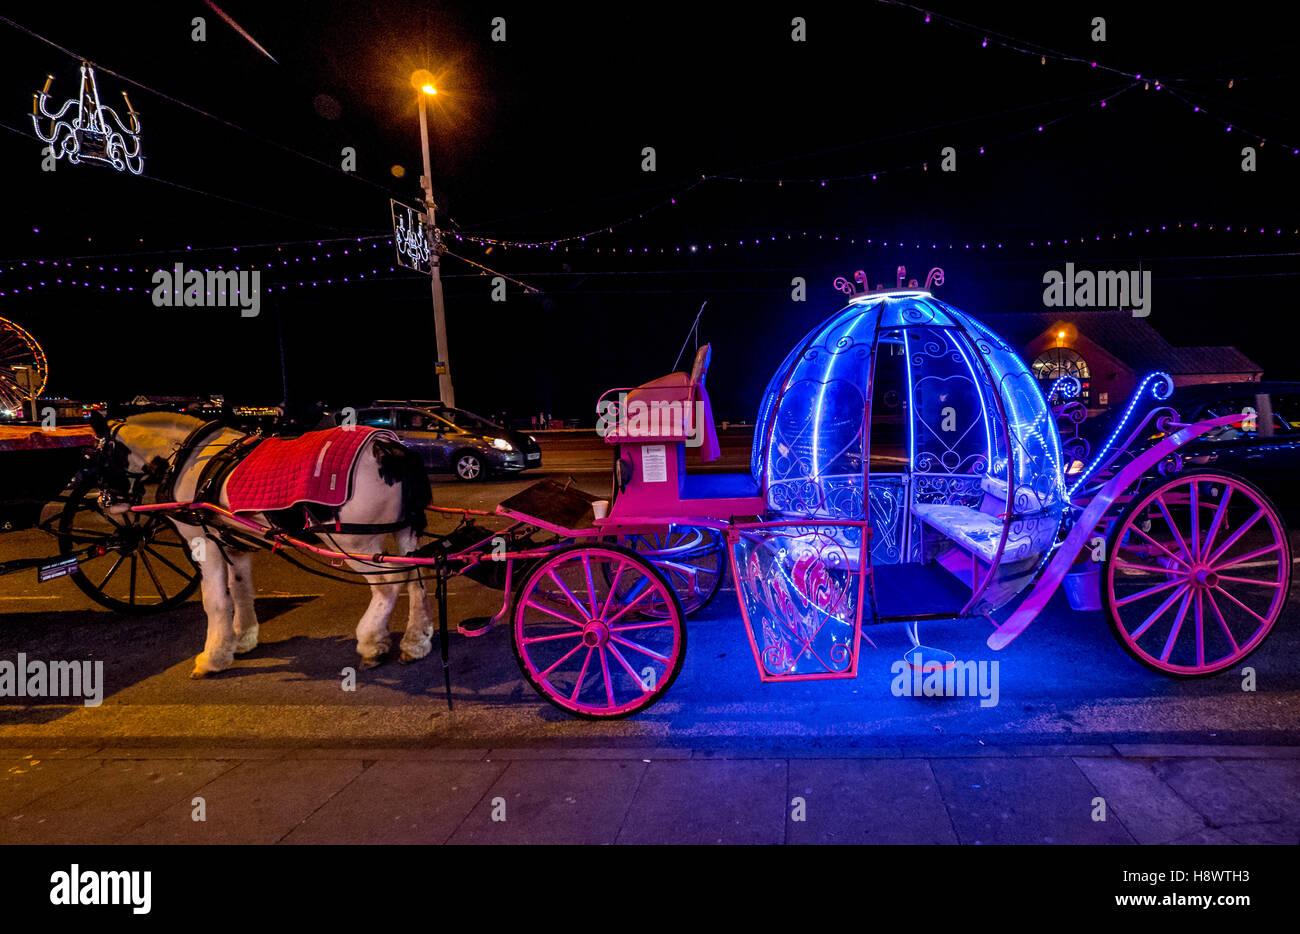 Illuminated fairytale horse and carriage at Blackpool illuminations, Lancashire, UK. - Stock Image